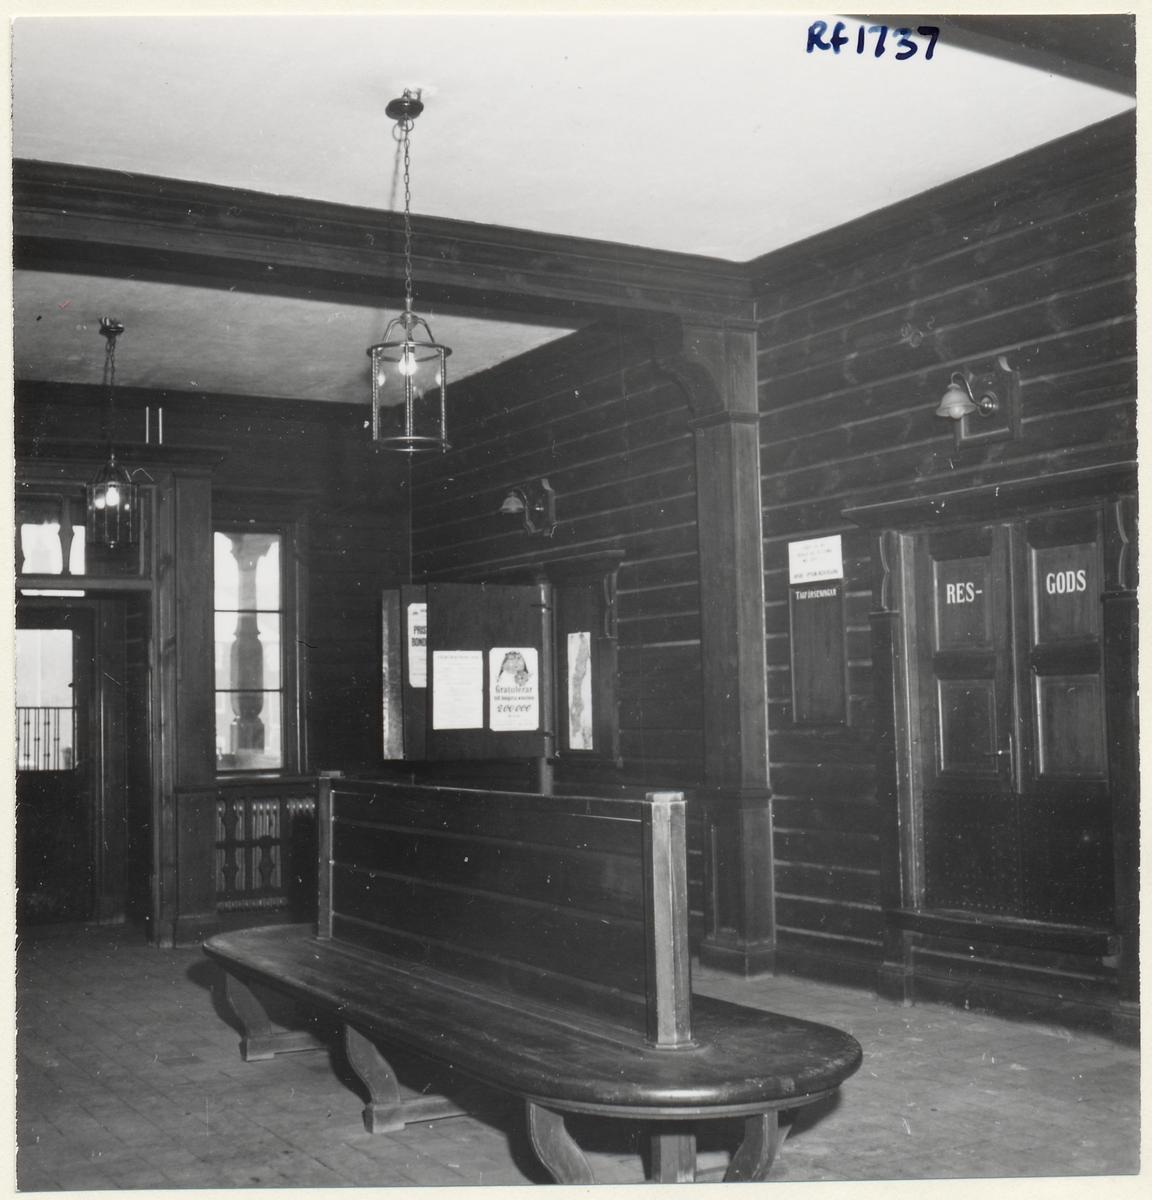 Väntsalen Norsholm station.